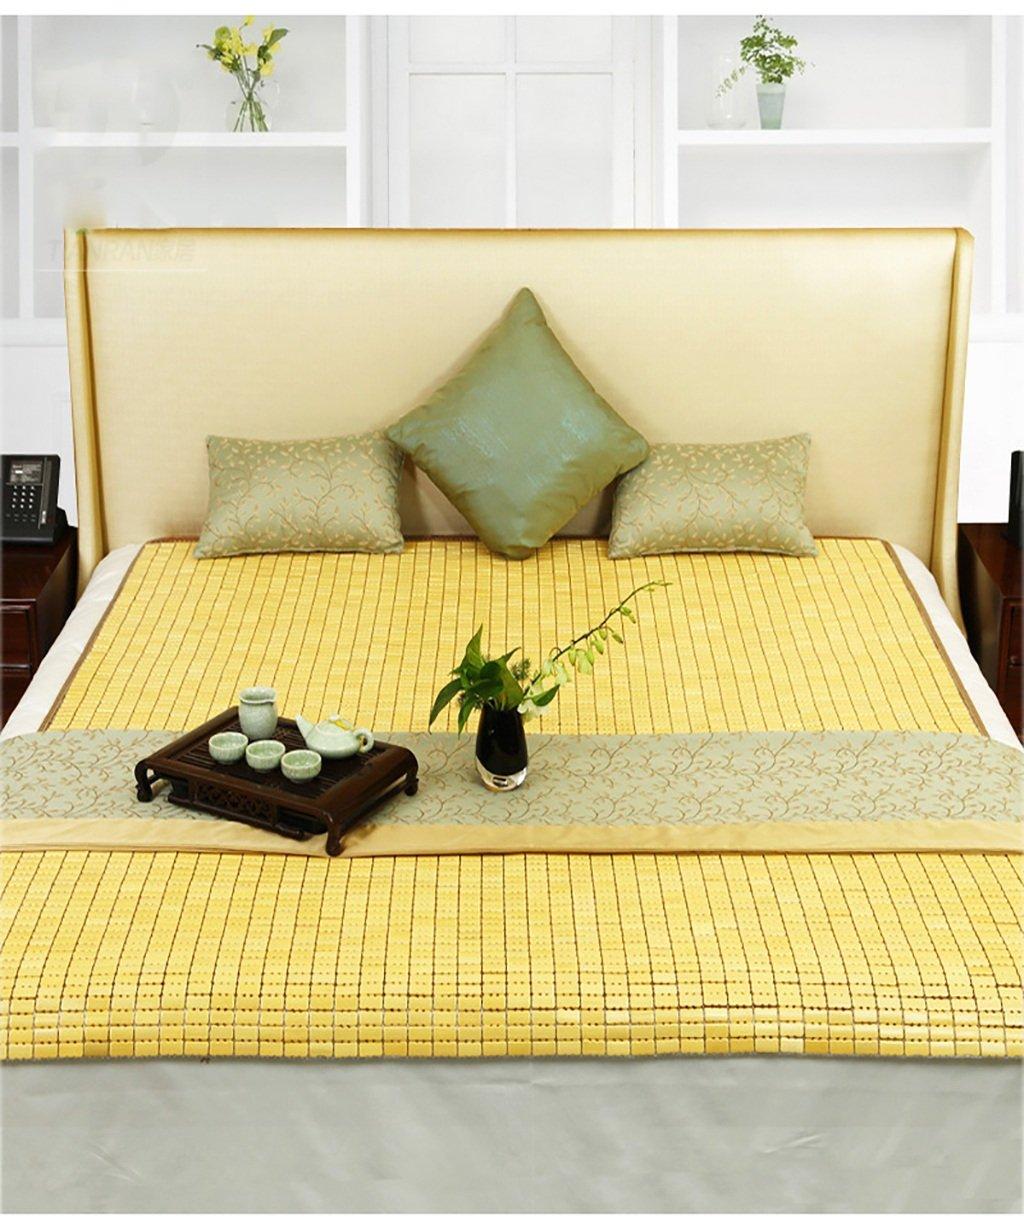 WENZHE Matratzen Strohmatte Teppiche Bambus Sommer Schlafmatten Haushalt Atmungsaktiv Faltbar Matten (größe : 80  190cm)